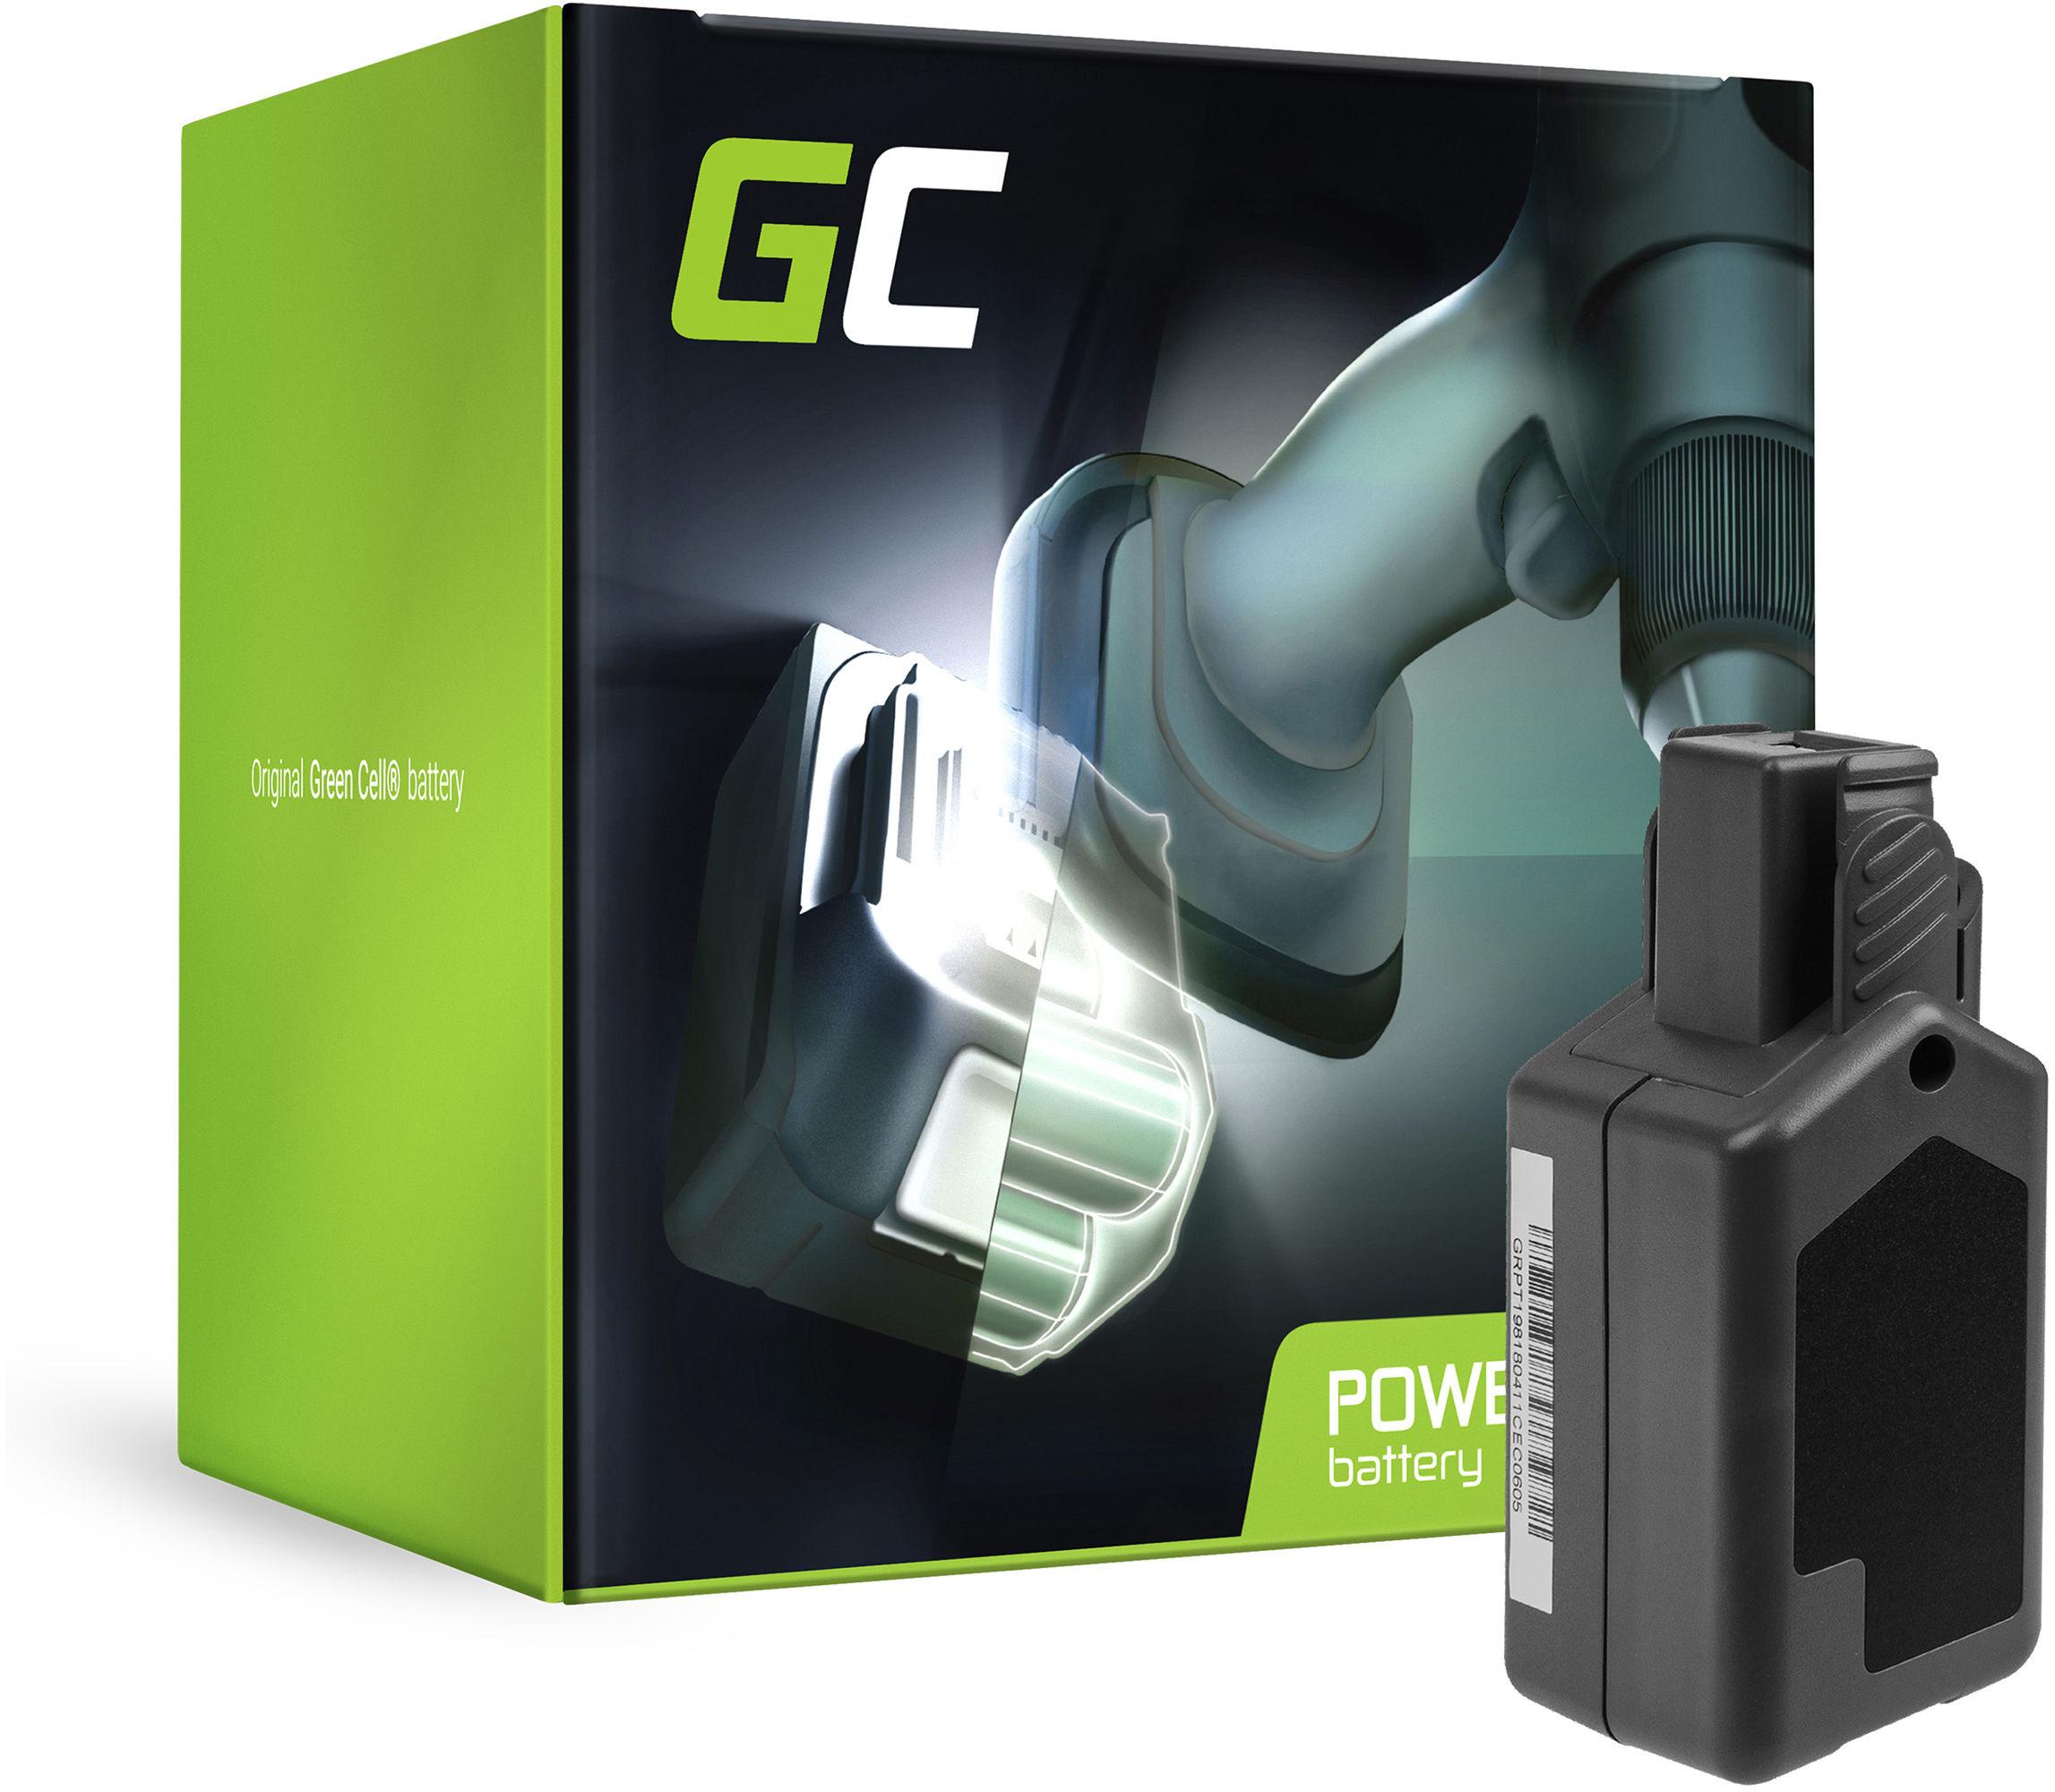 Bateria Green Cell (2Ah 18V) 7038672 7420096 Power Pack 3 Green Cell do Wolf-Garten 7420000 GT 815 GTB 815 HSA 45 V